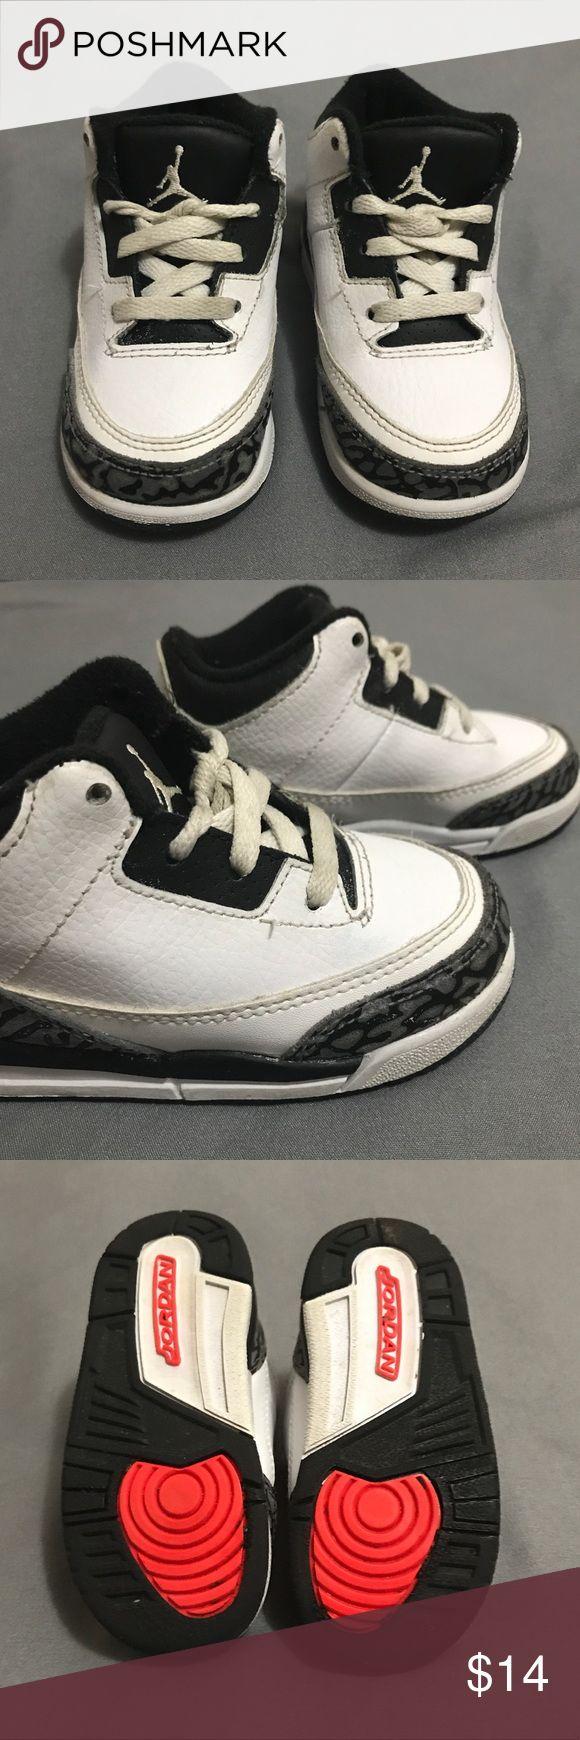 Kids Jordan's shoe Cement 3s Good condition kids Jordan, Cement 3s. Bundle and save!!! Jordan Shoes Sneakers